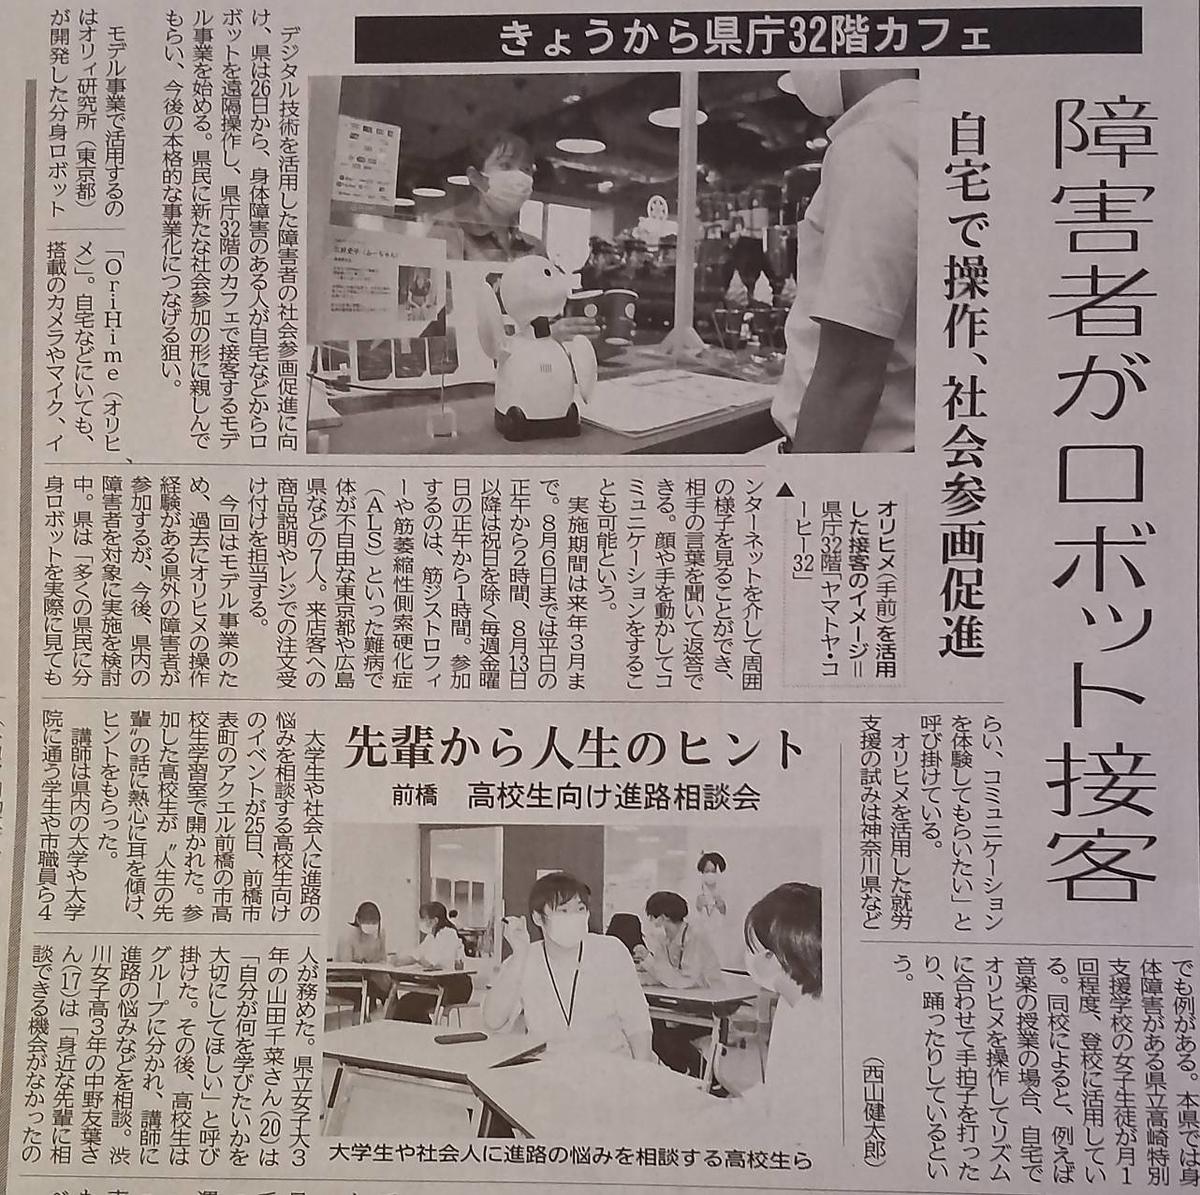 f:id:kazura-kobayashi:20210726104103j:plain